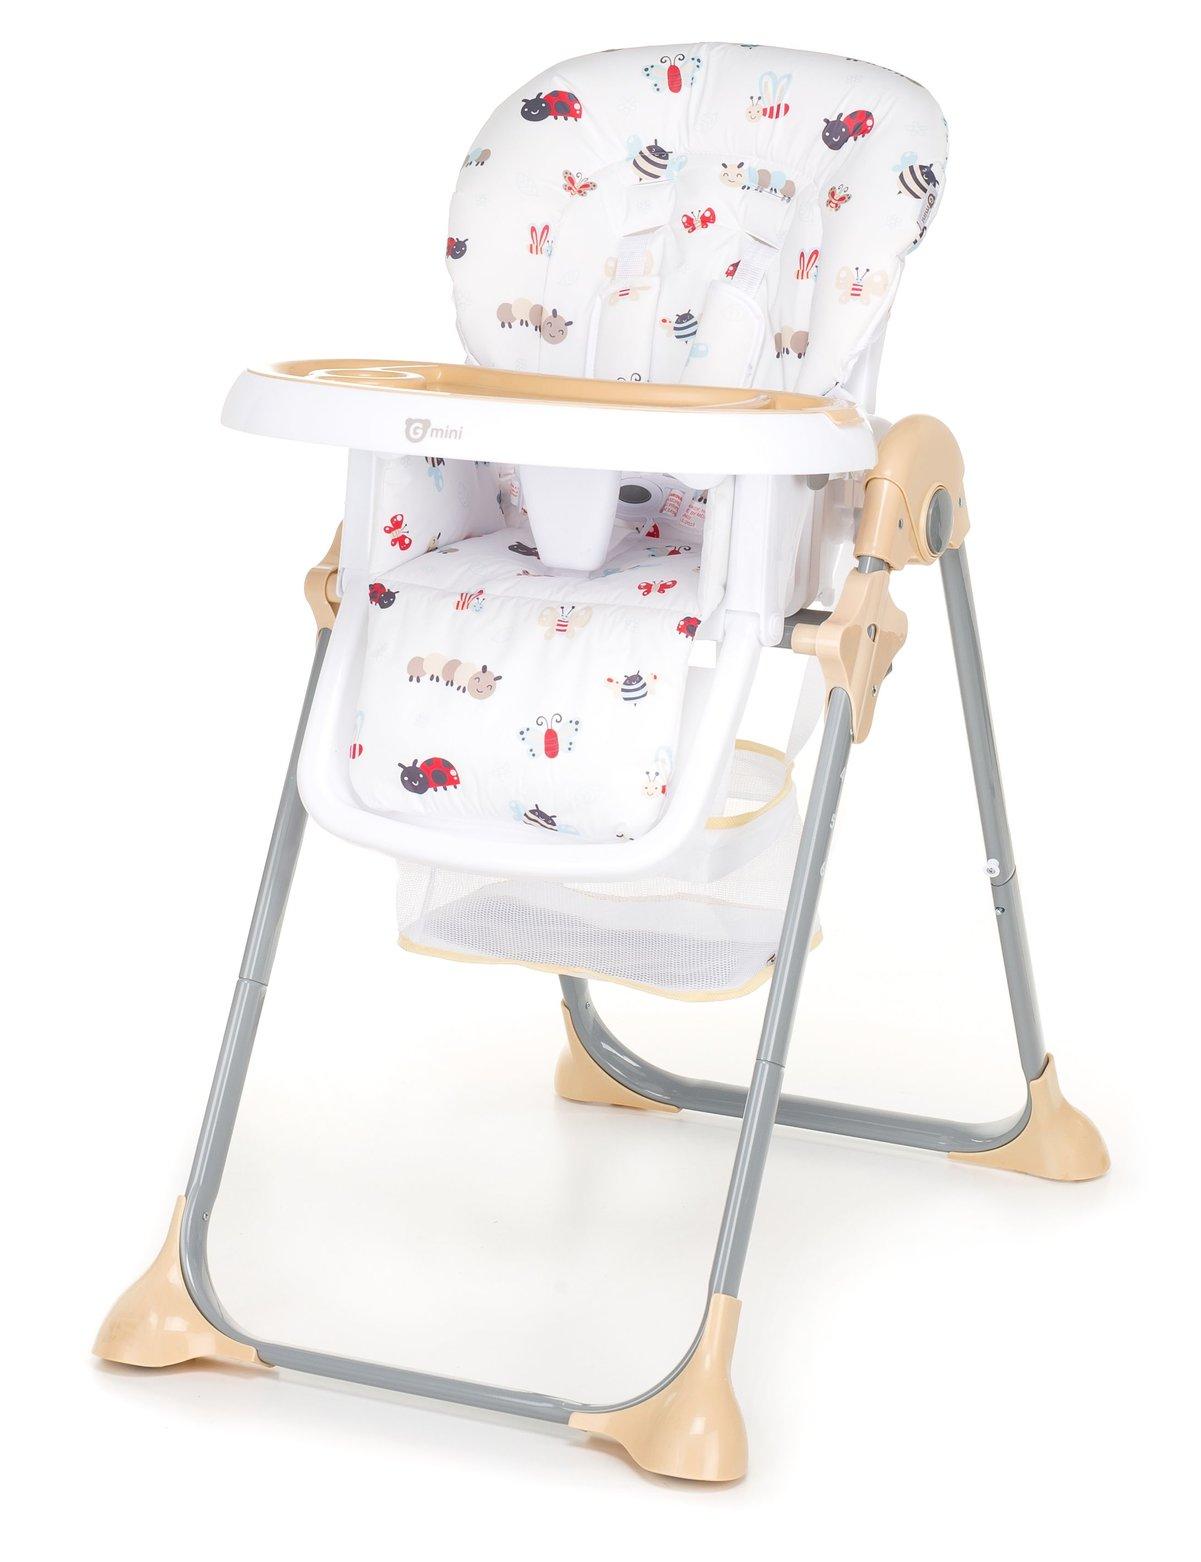 Jídelní židle G-mini Simply BEETLE coffee